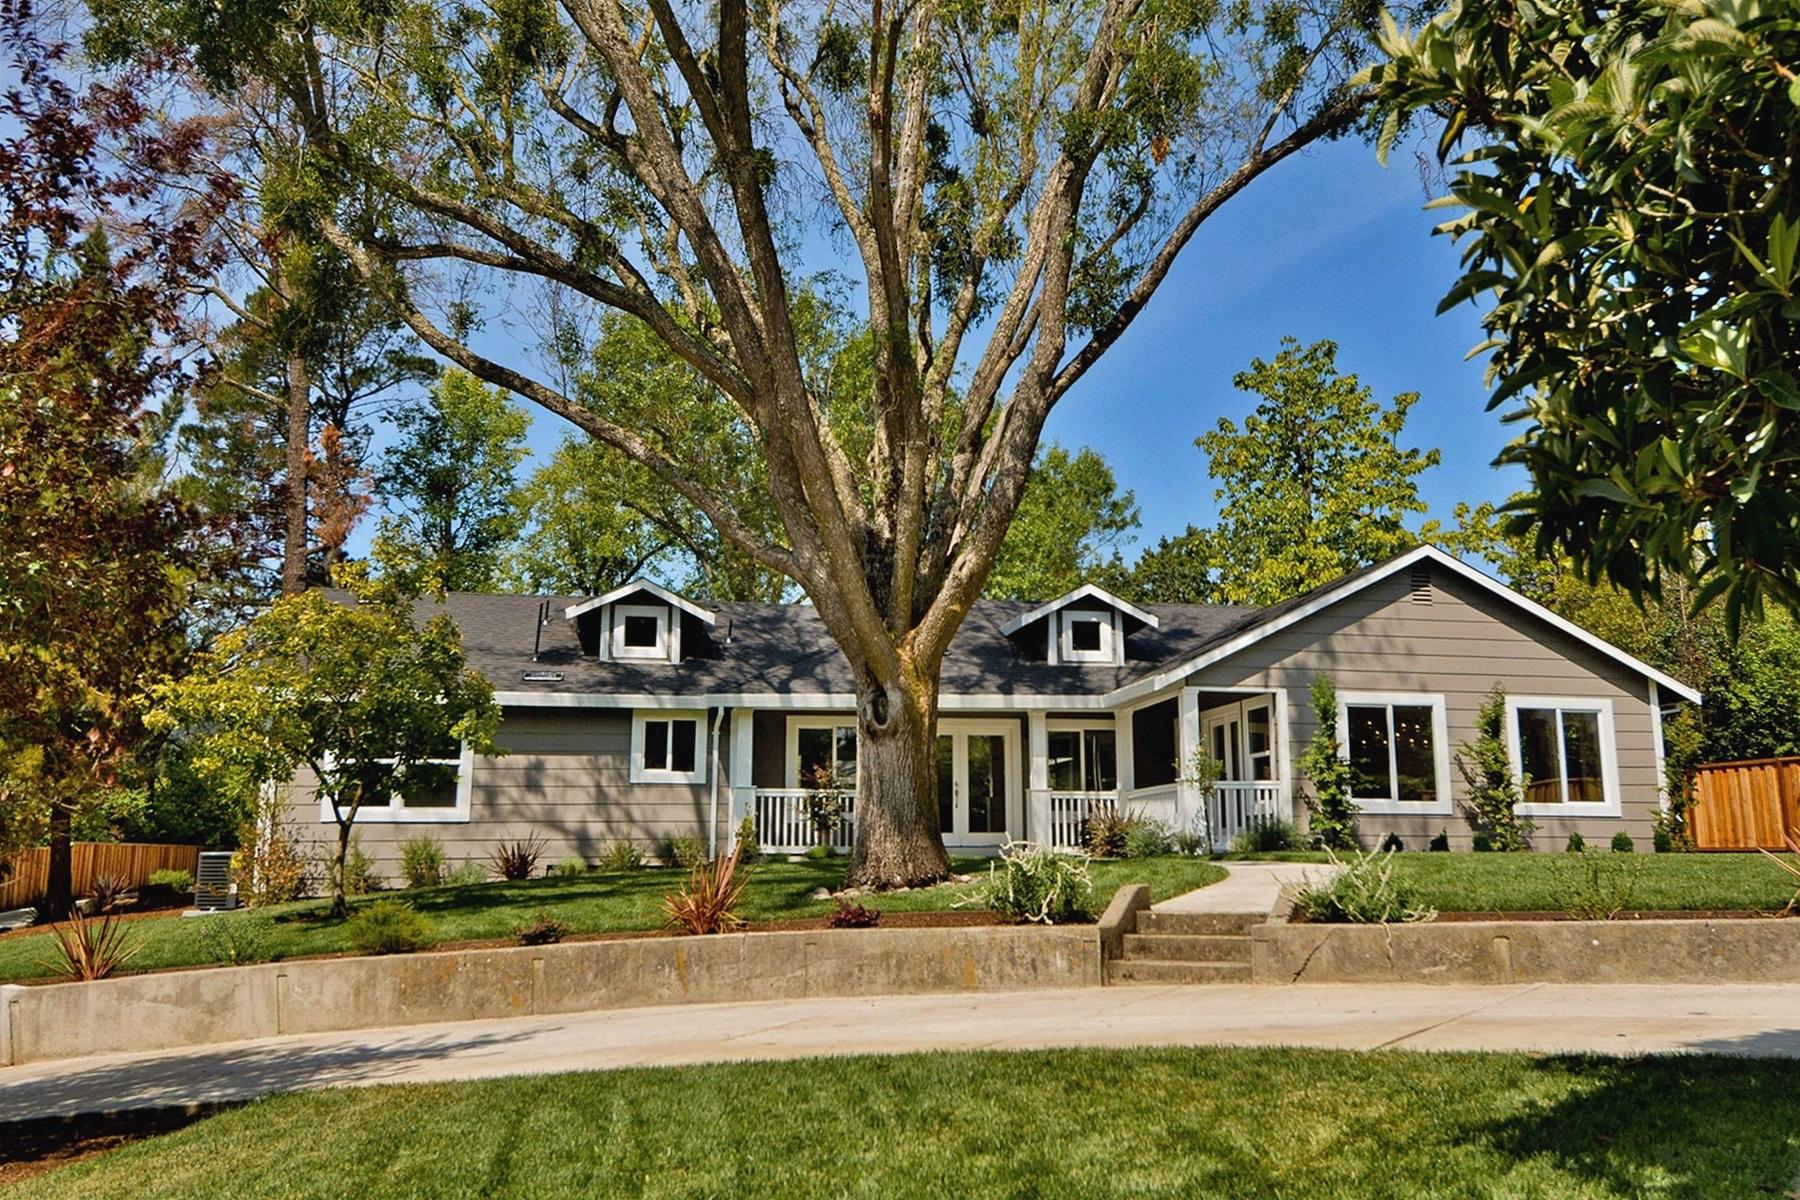 Casa para uma família para Venda às Stunning Single Story Home 361 La Questa Drive Danville, Califórnia 94526 Estados Unidos